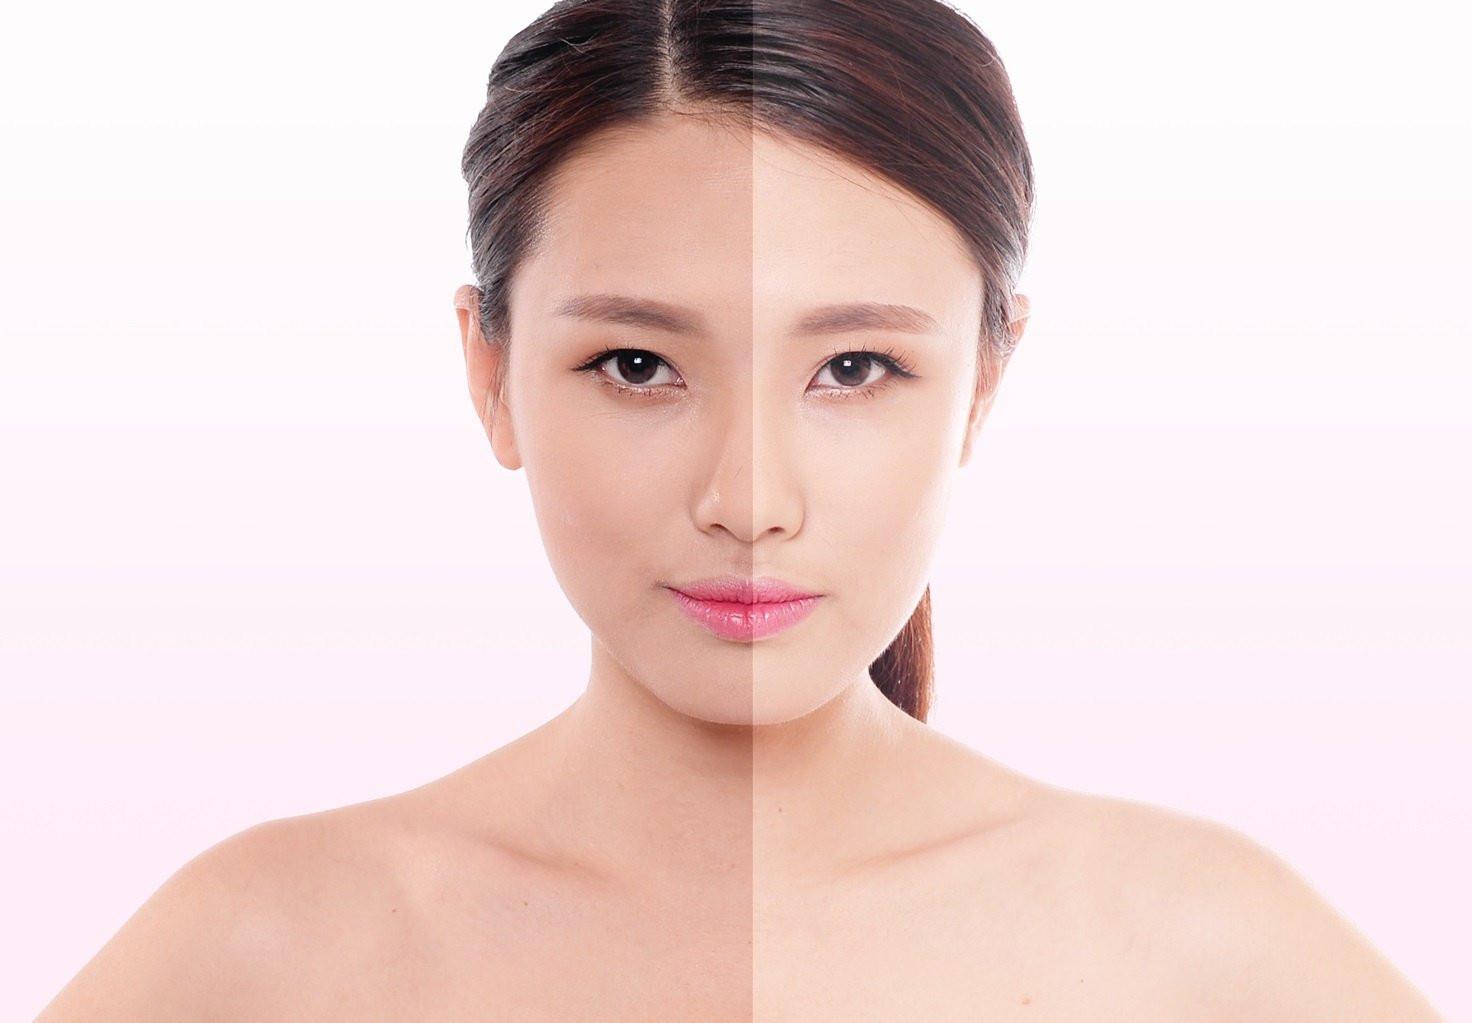 Để dưỡng trắng da an toàn, phái đẹp nên hiểu về nguyên lý của hắc tố melanin, tránh dùng quá nhiều corticoid và lựa chọn mỹ phẩm uy tín.. Ảnh: SnowWhite